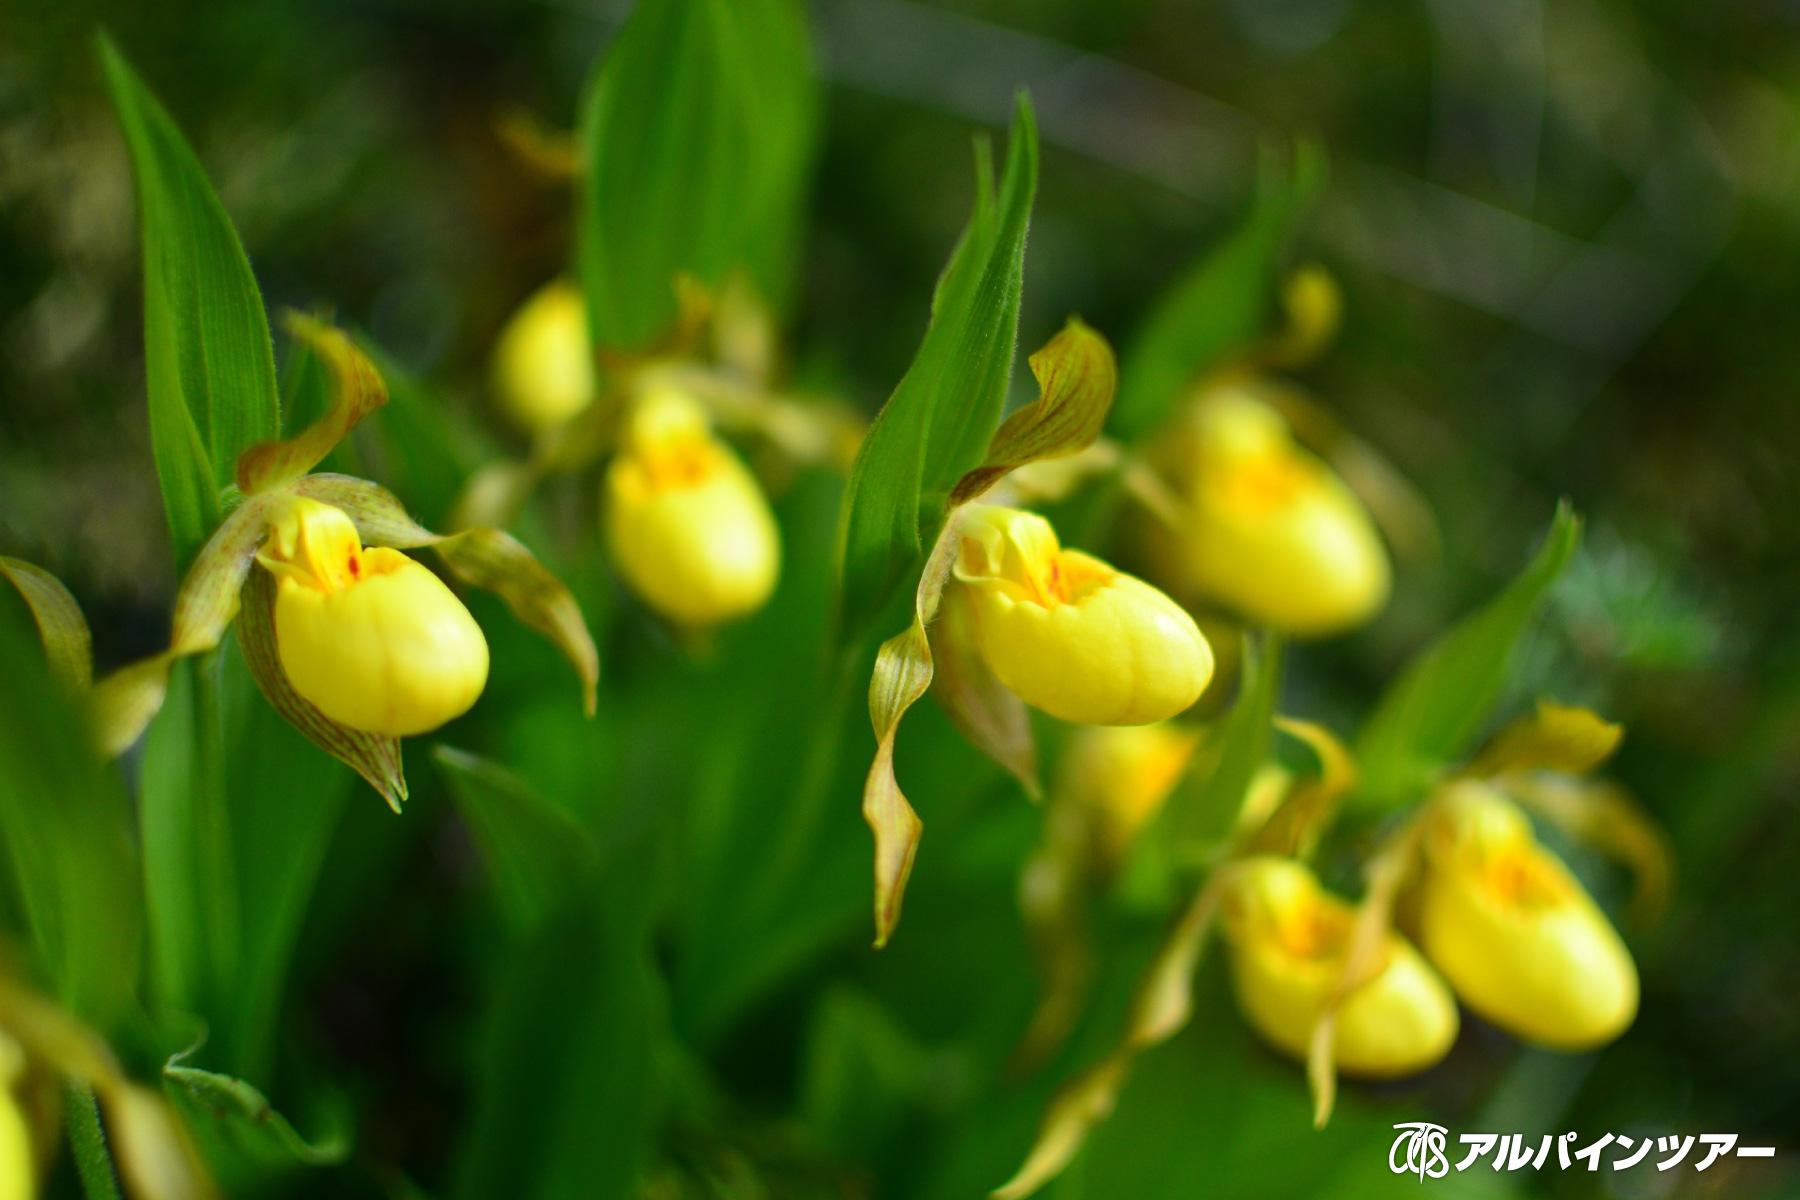 【今日の花】 イエロー レディース スリッパー